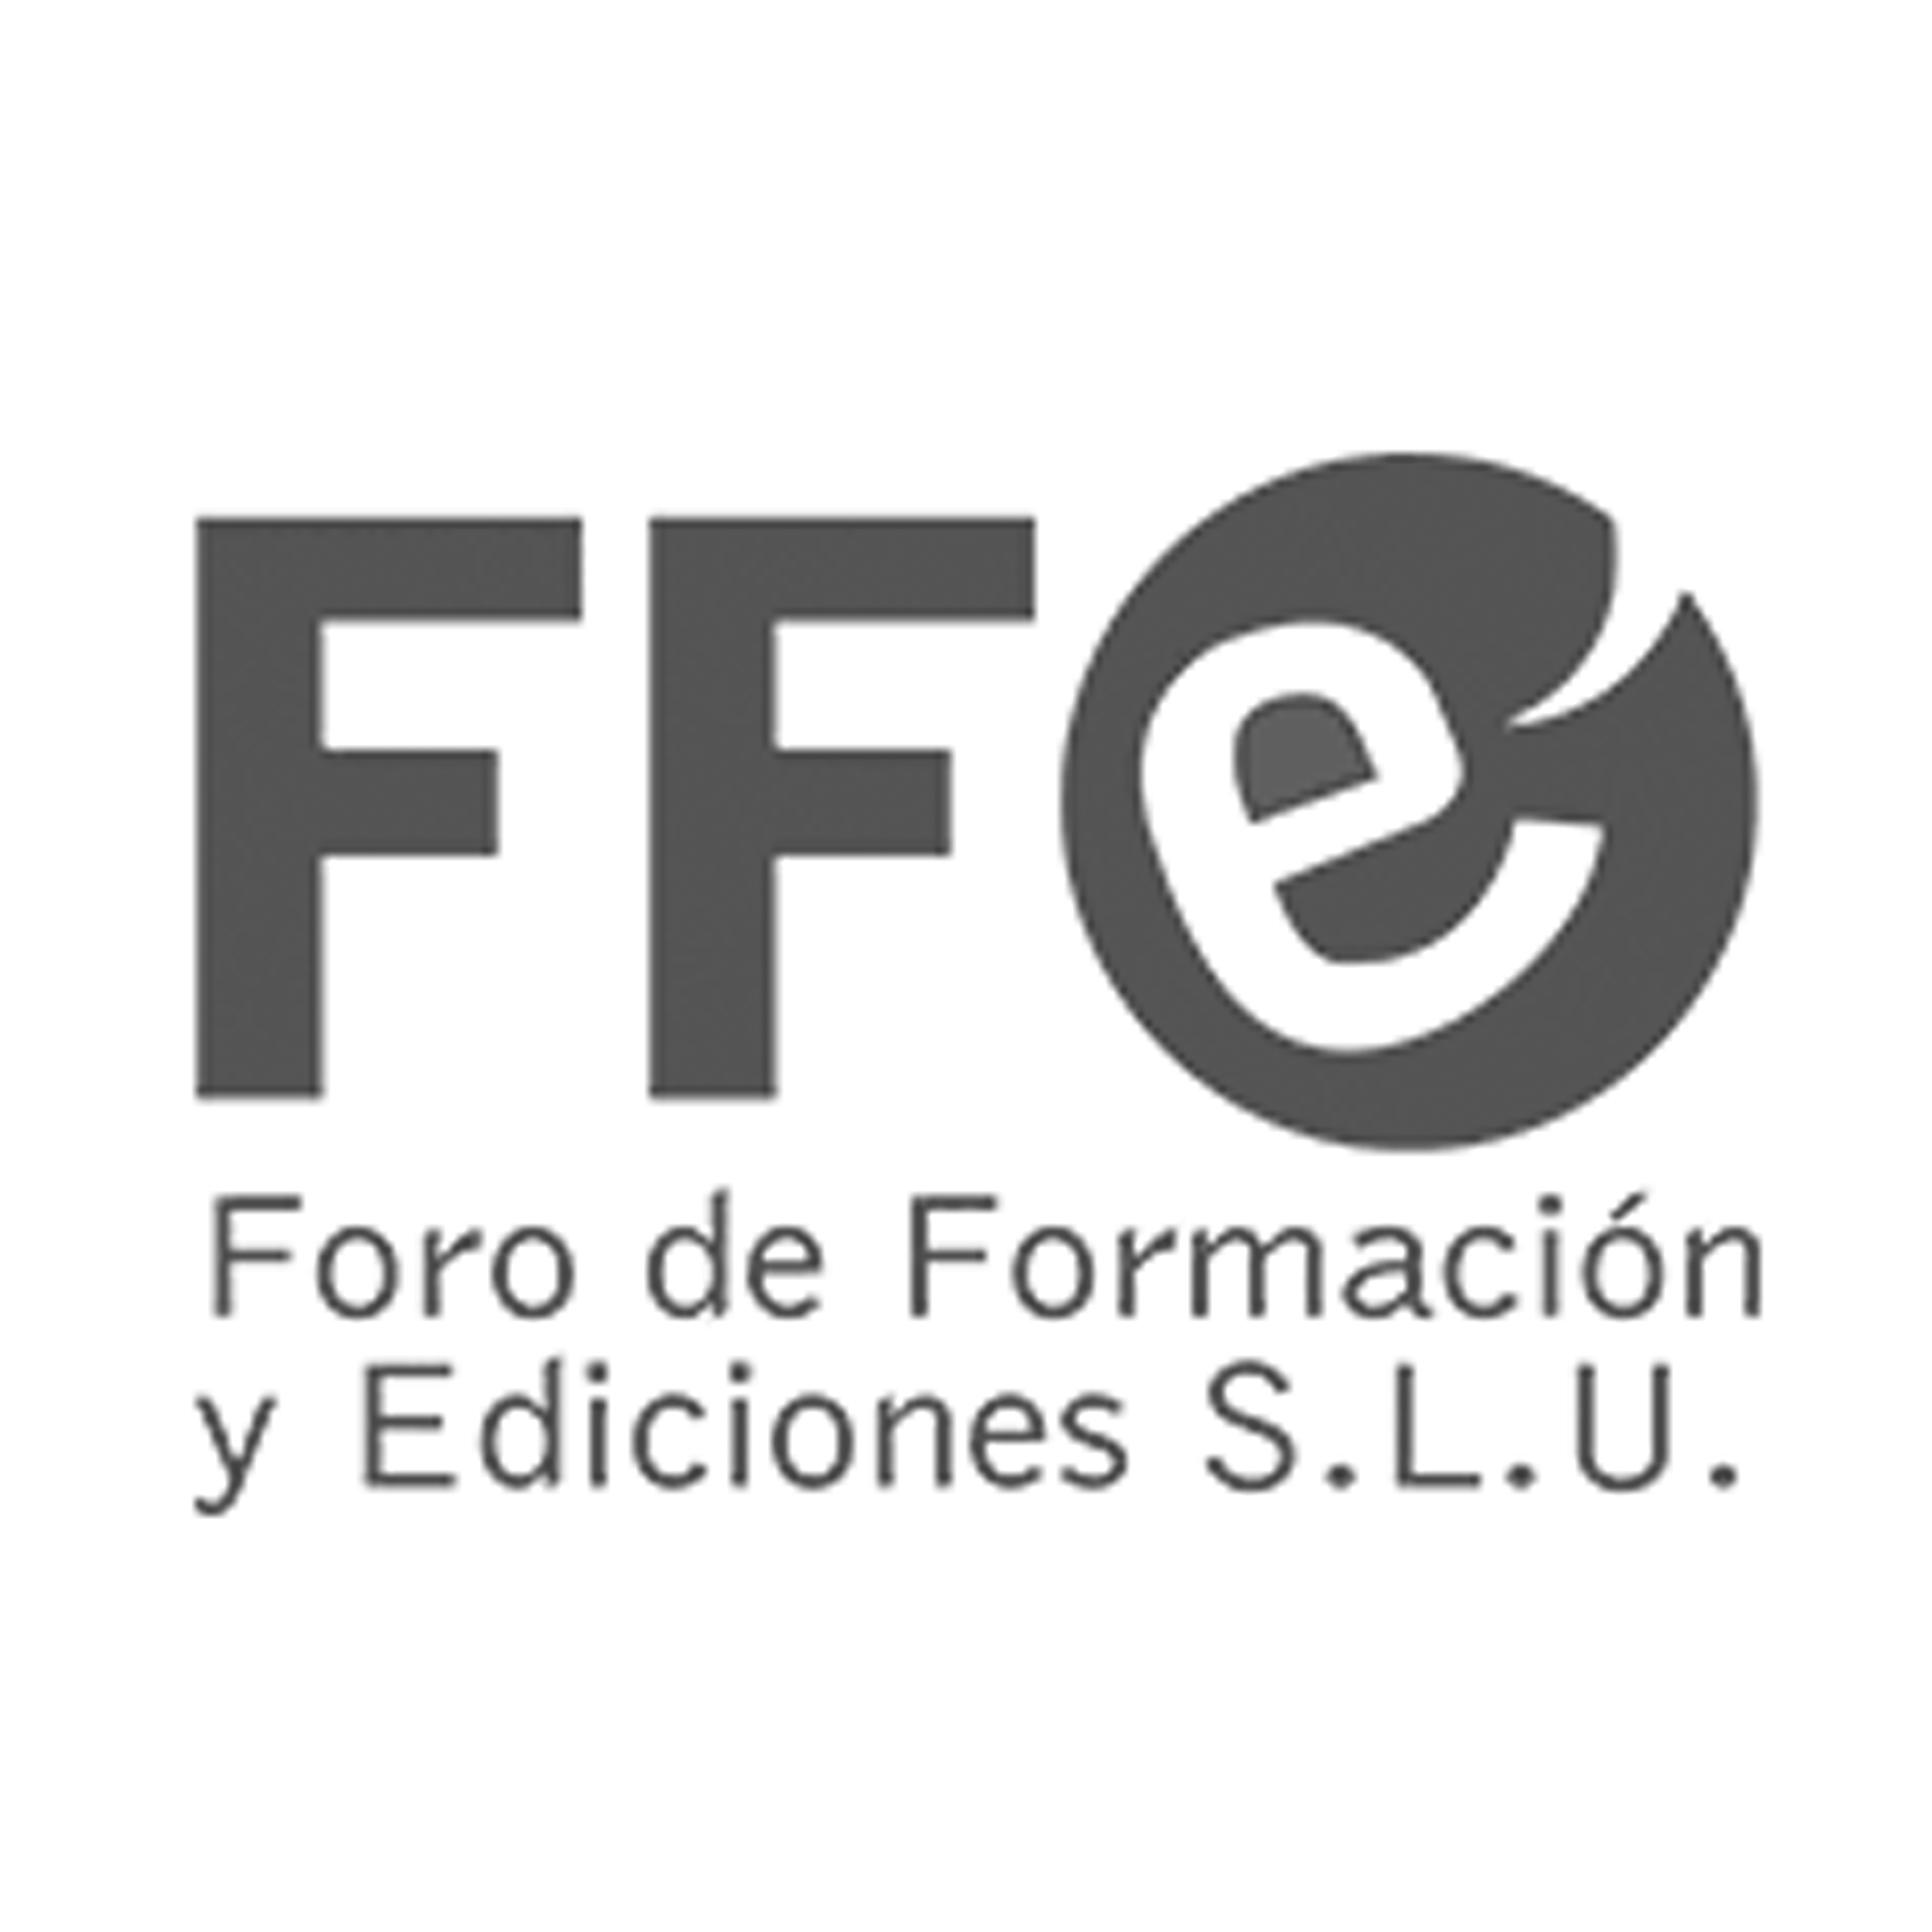 03_FORO DE FORMACIÓN